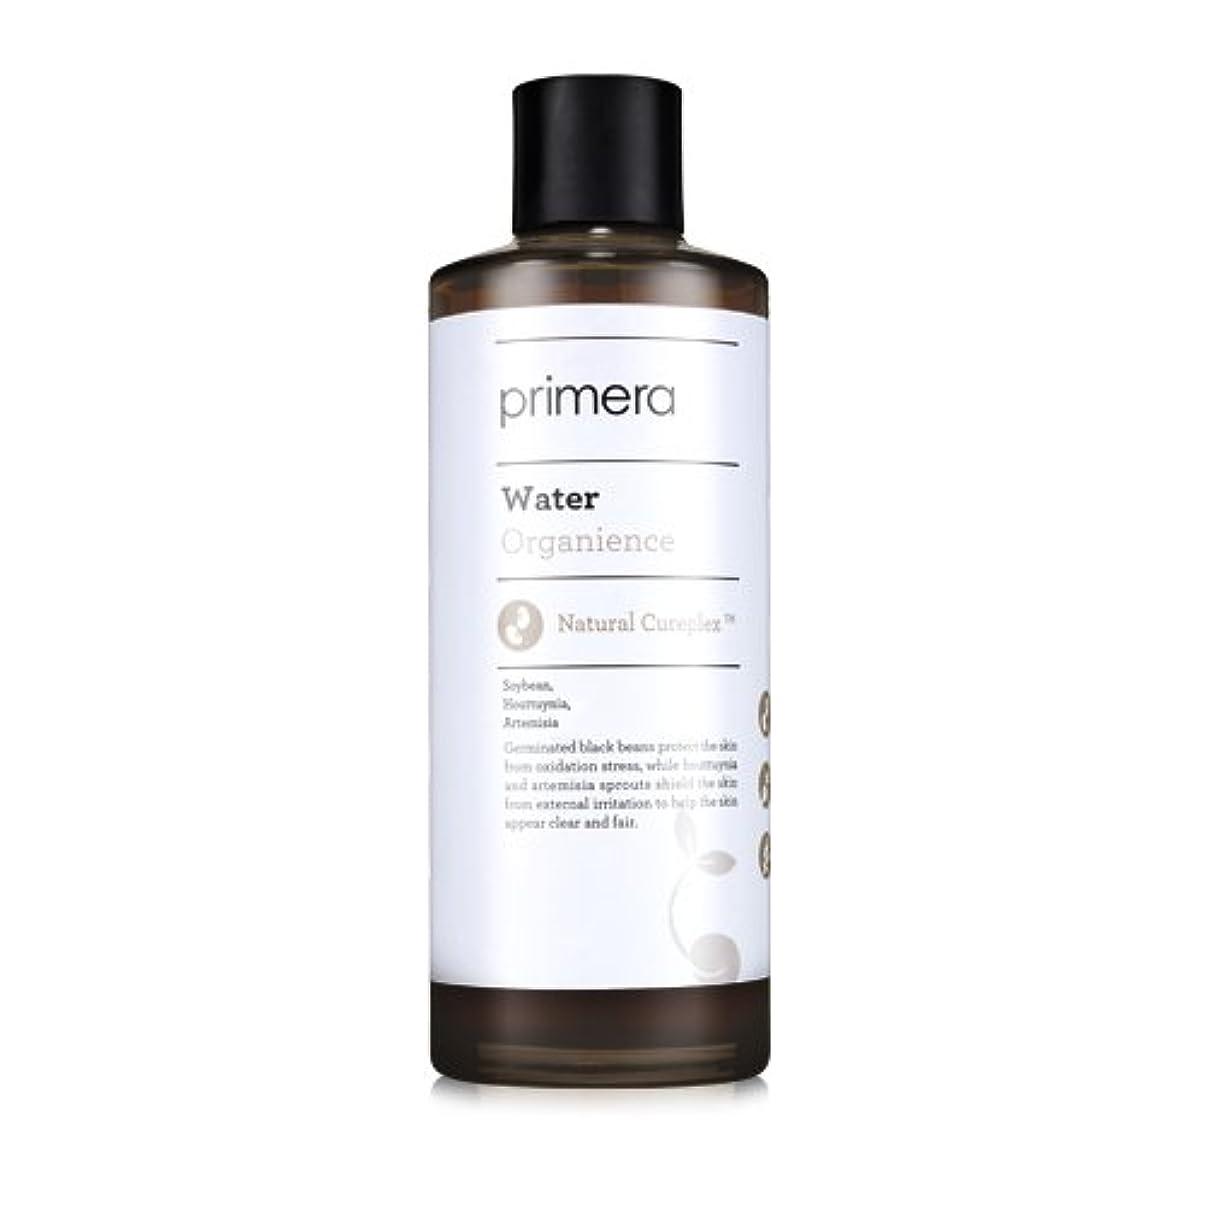 確保する不運リストPRIMERA プリメラ オーガニエンス ウォーター(Organience Water)化粧水 180ml